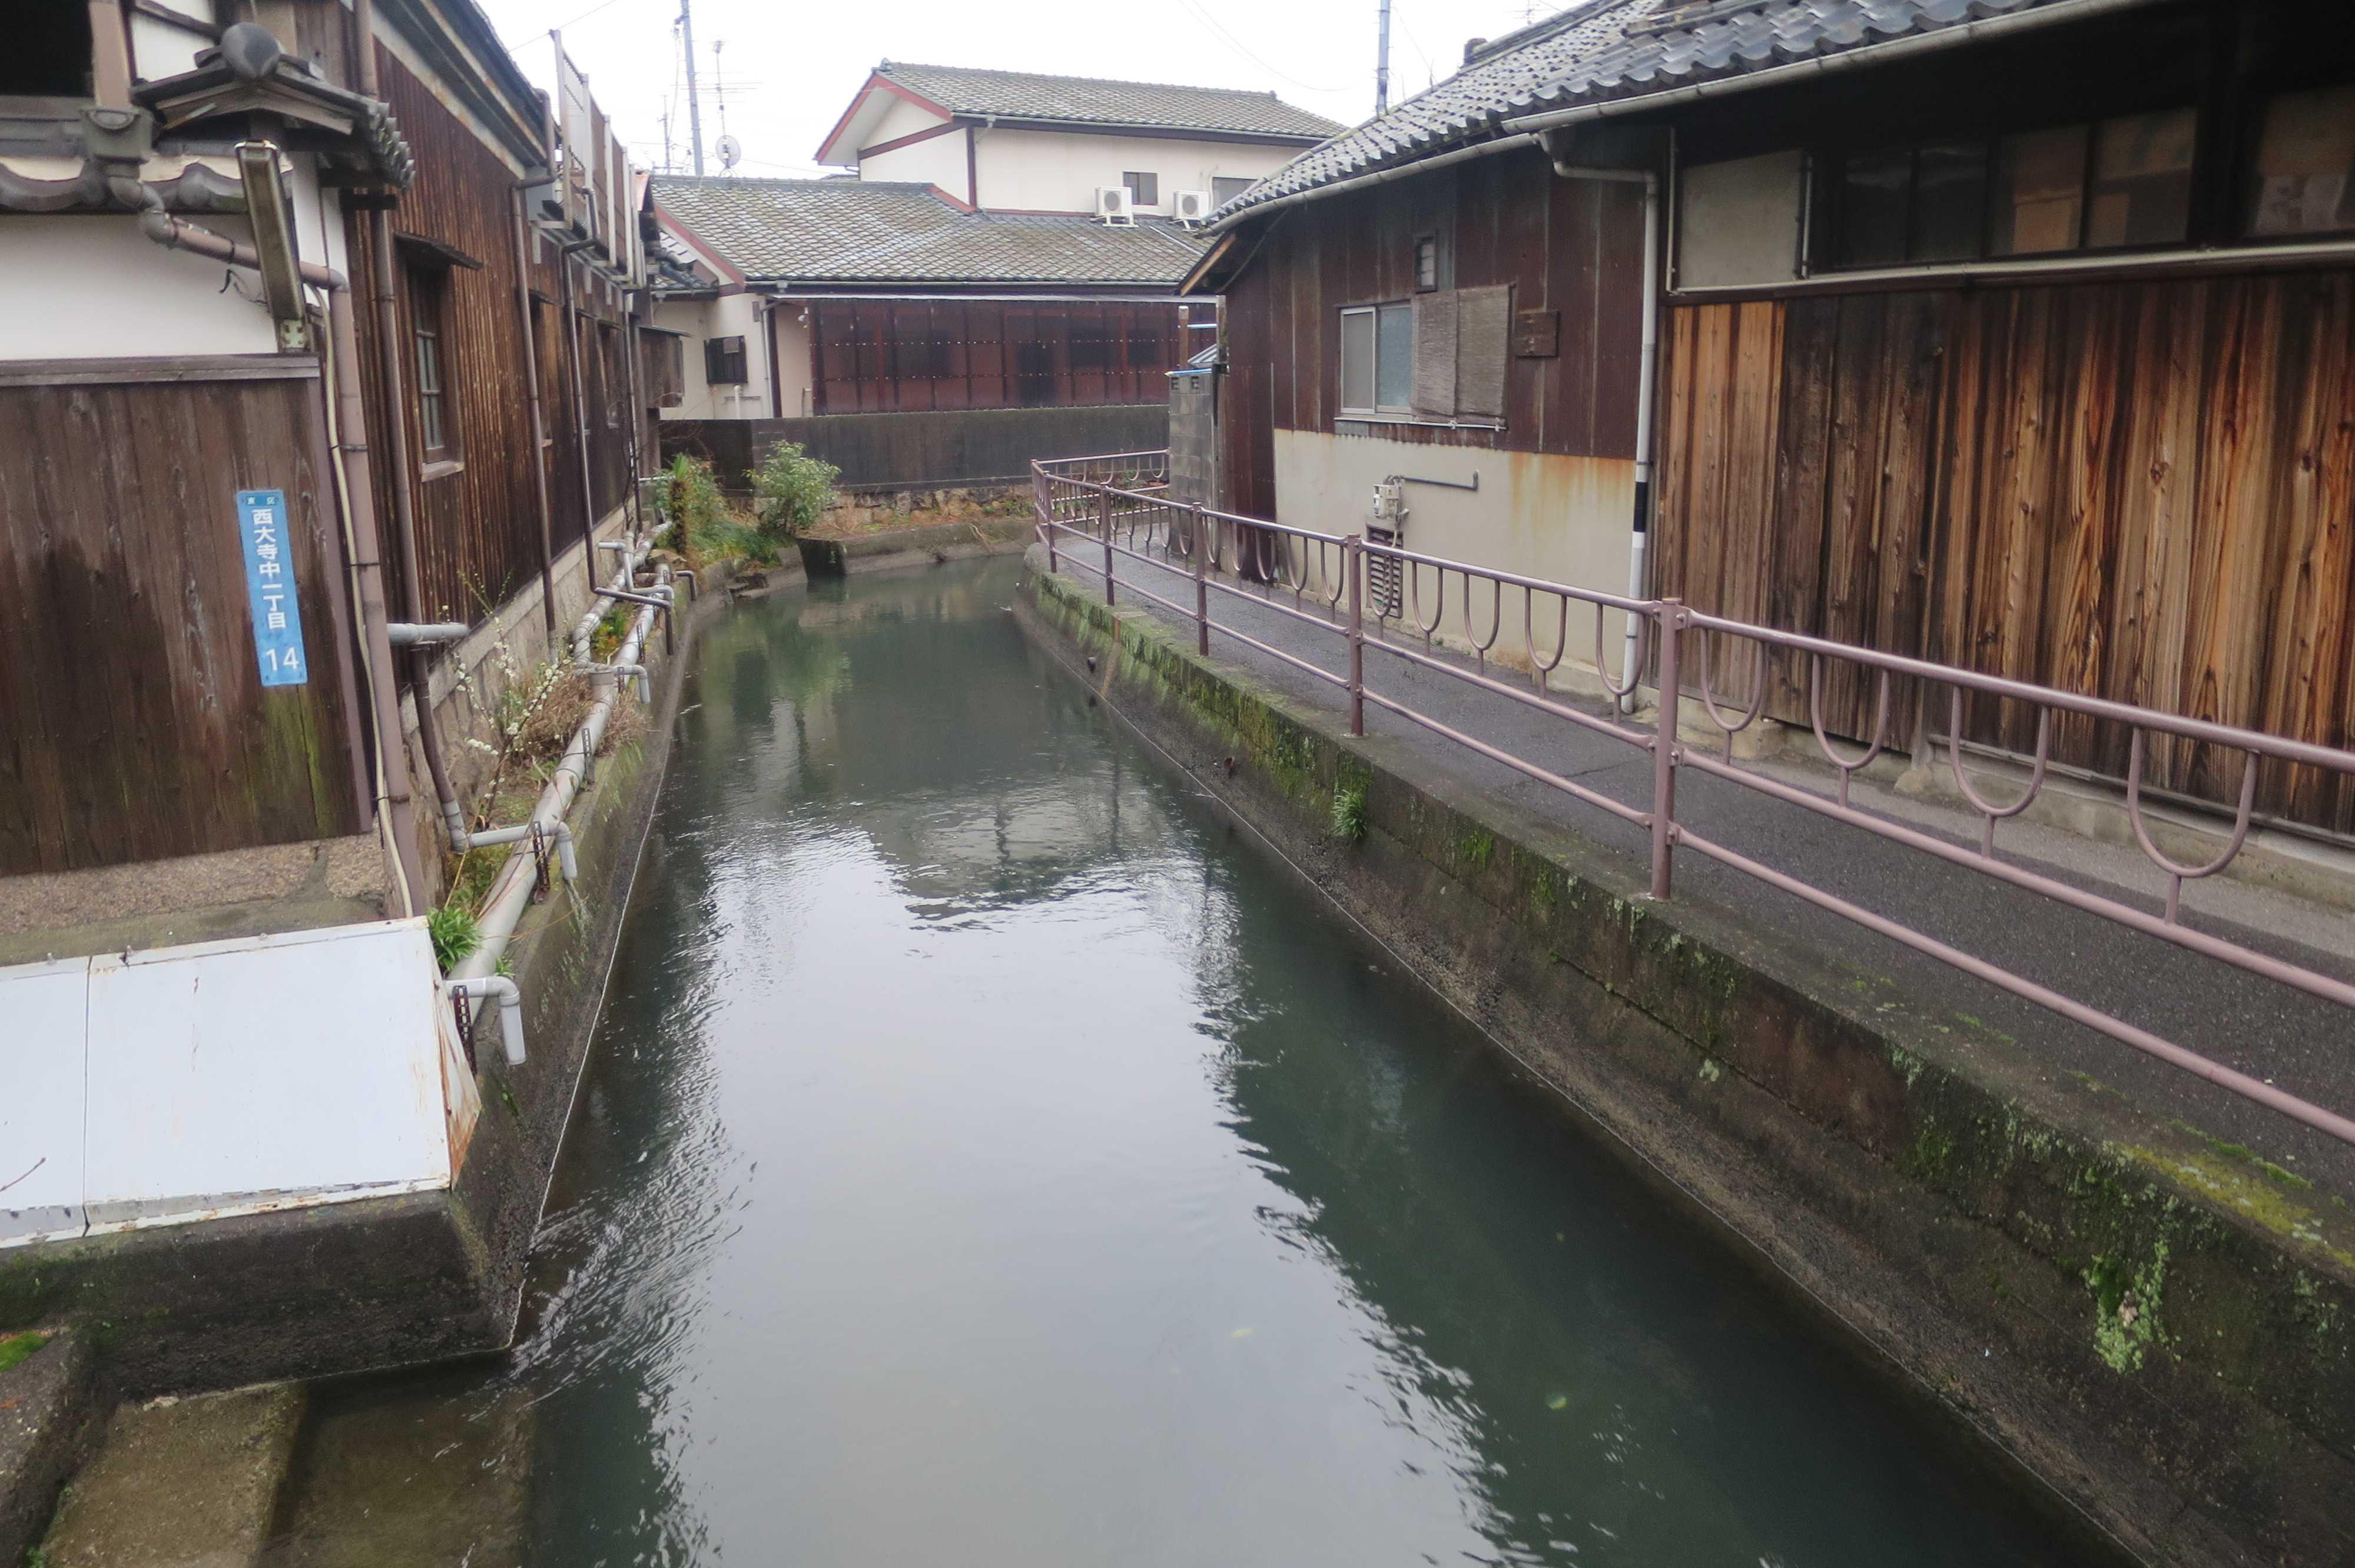 西大寺の水路 - 西川